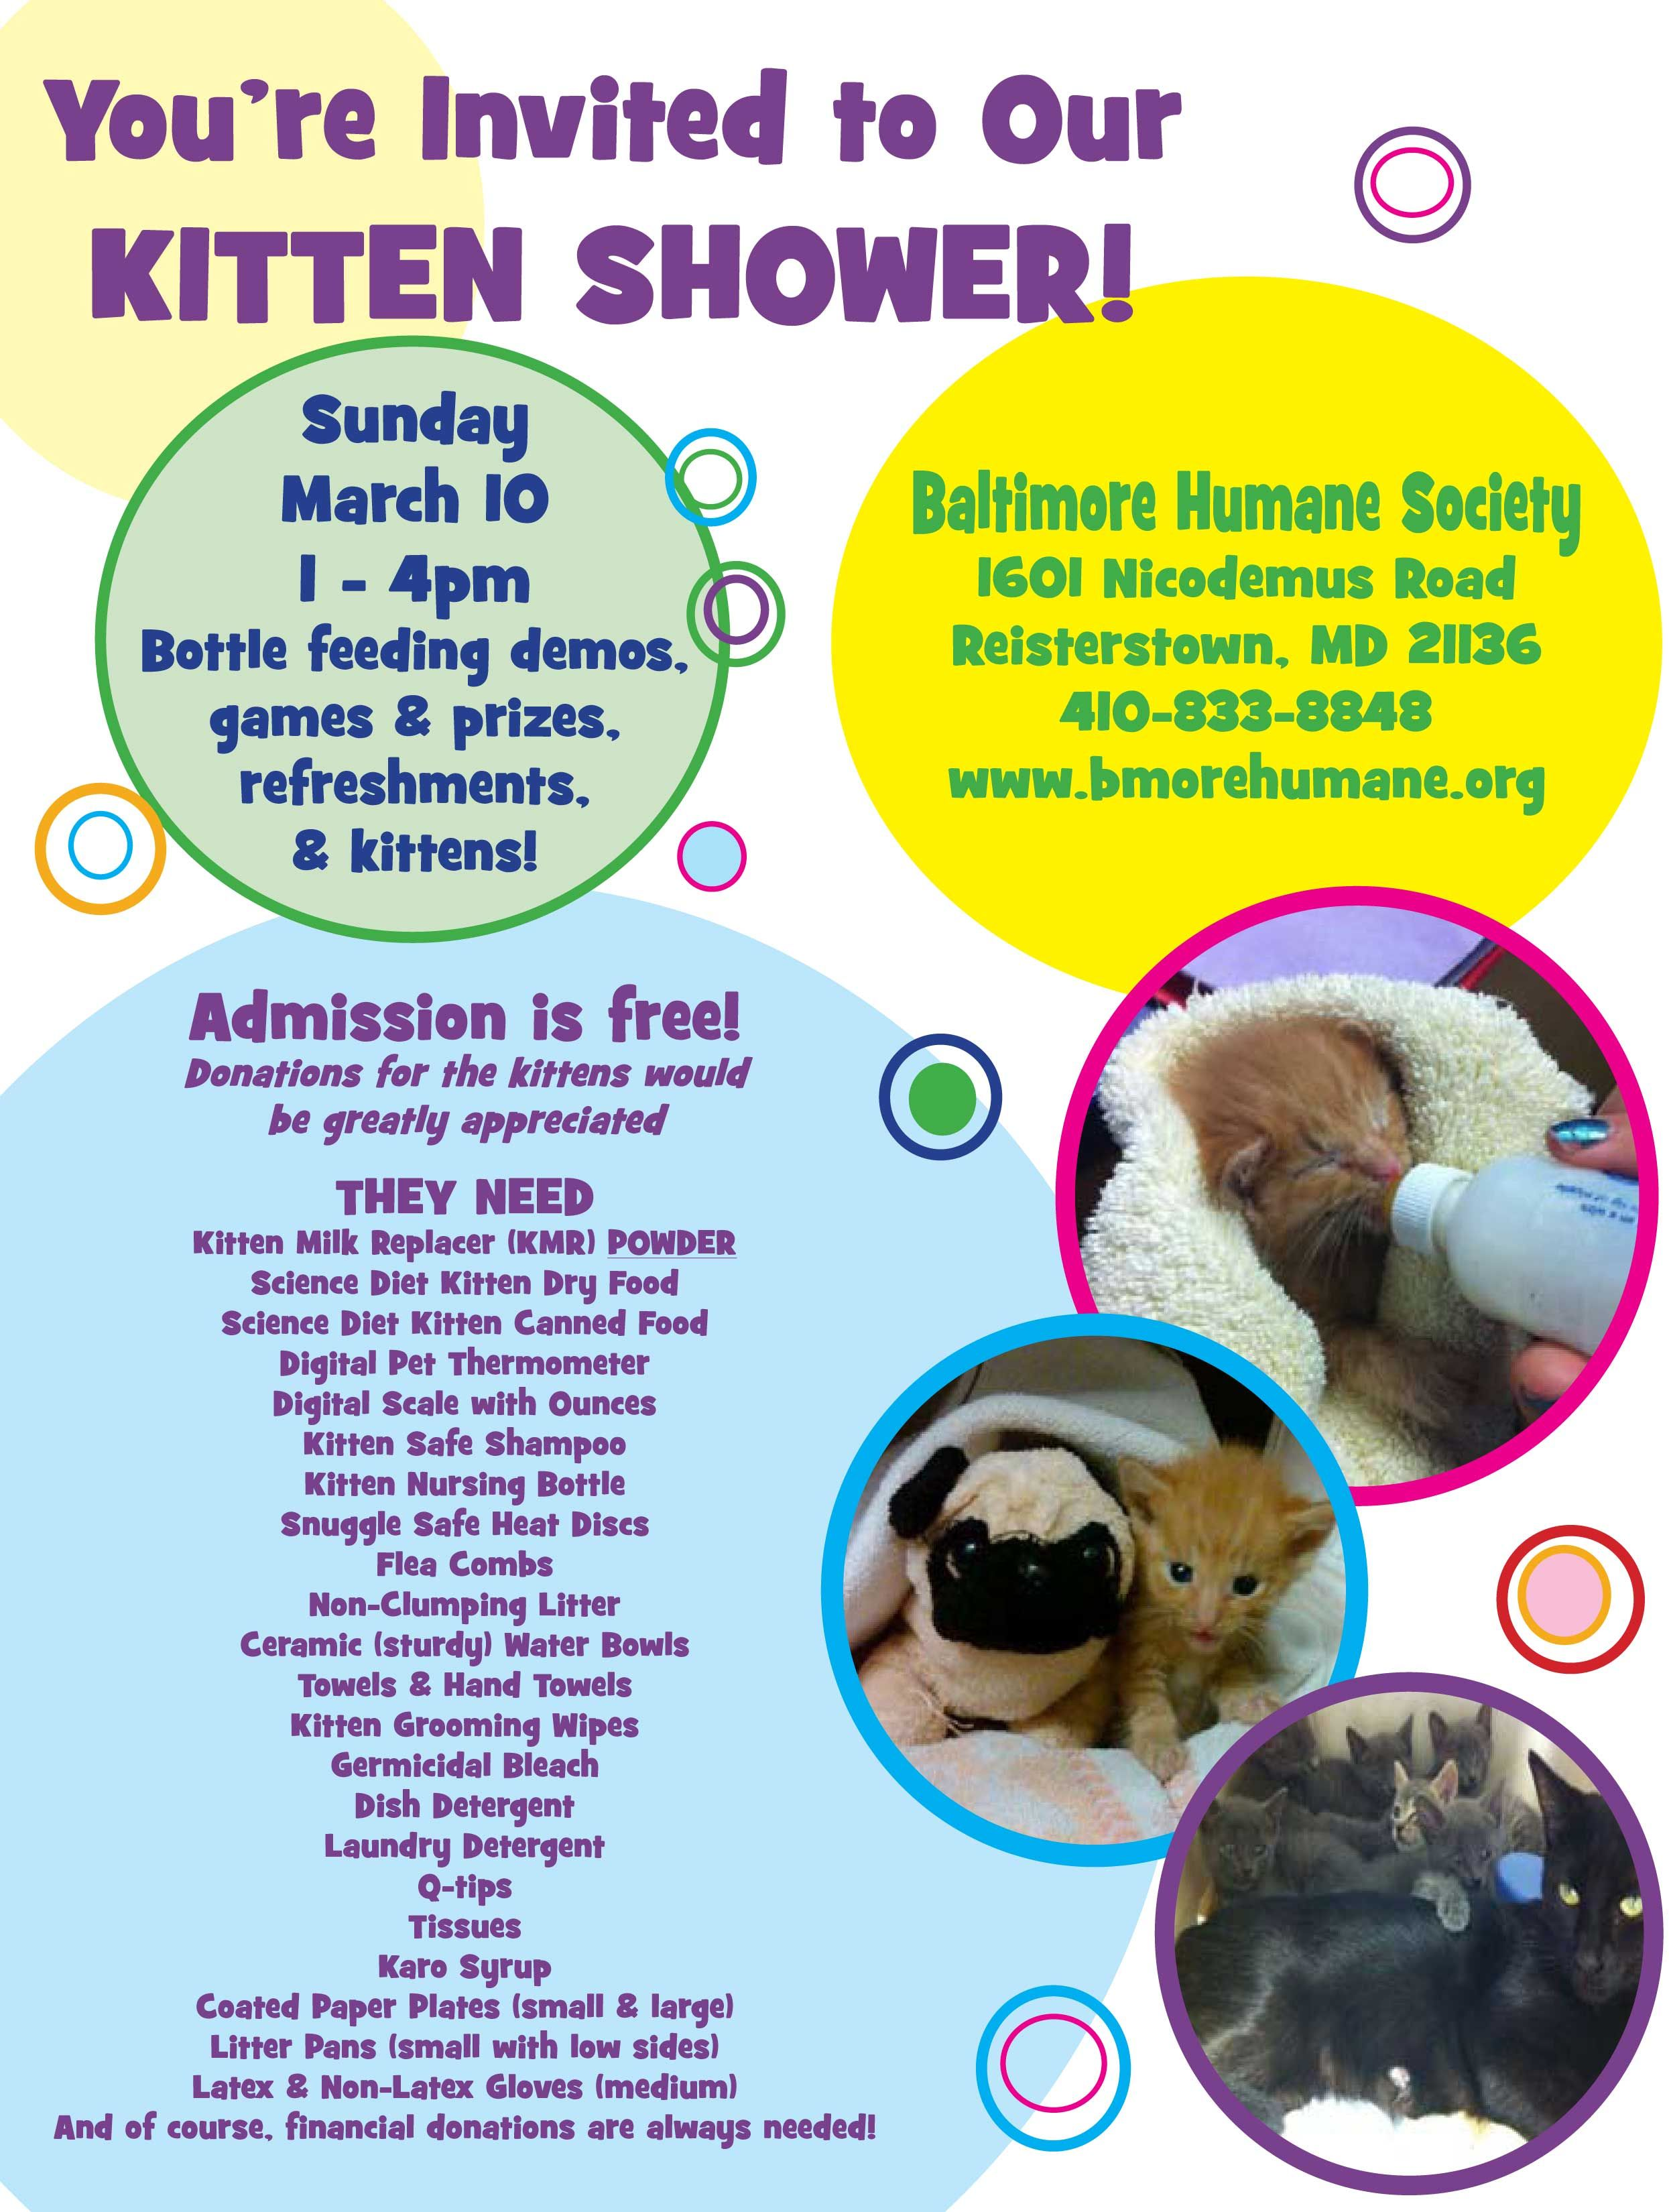 Bhs Kitten Shower Kitten Rescue Animal Shelter Fundraiser Pet Holiday